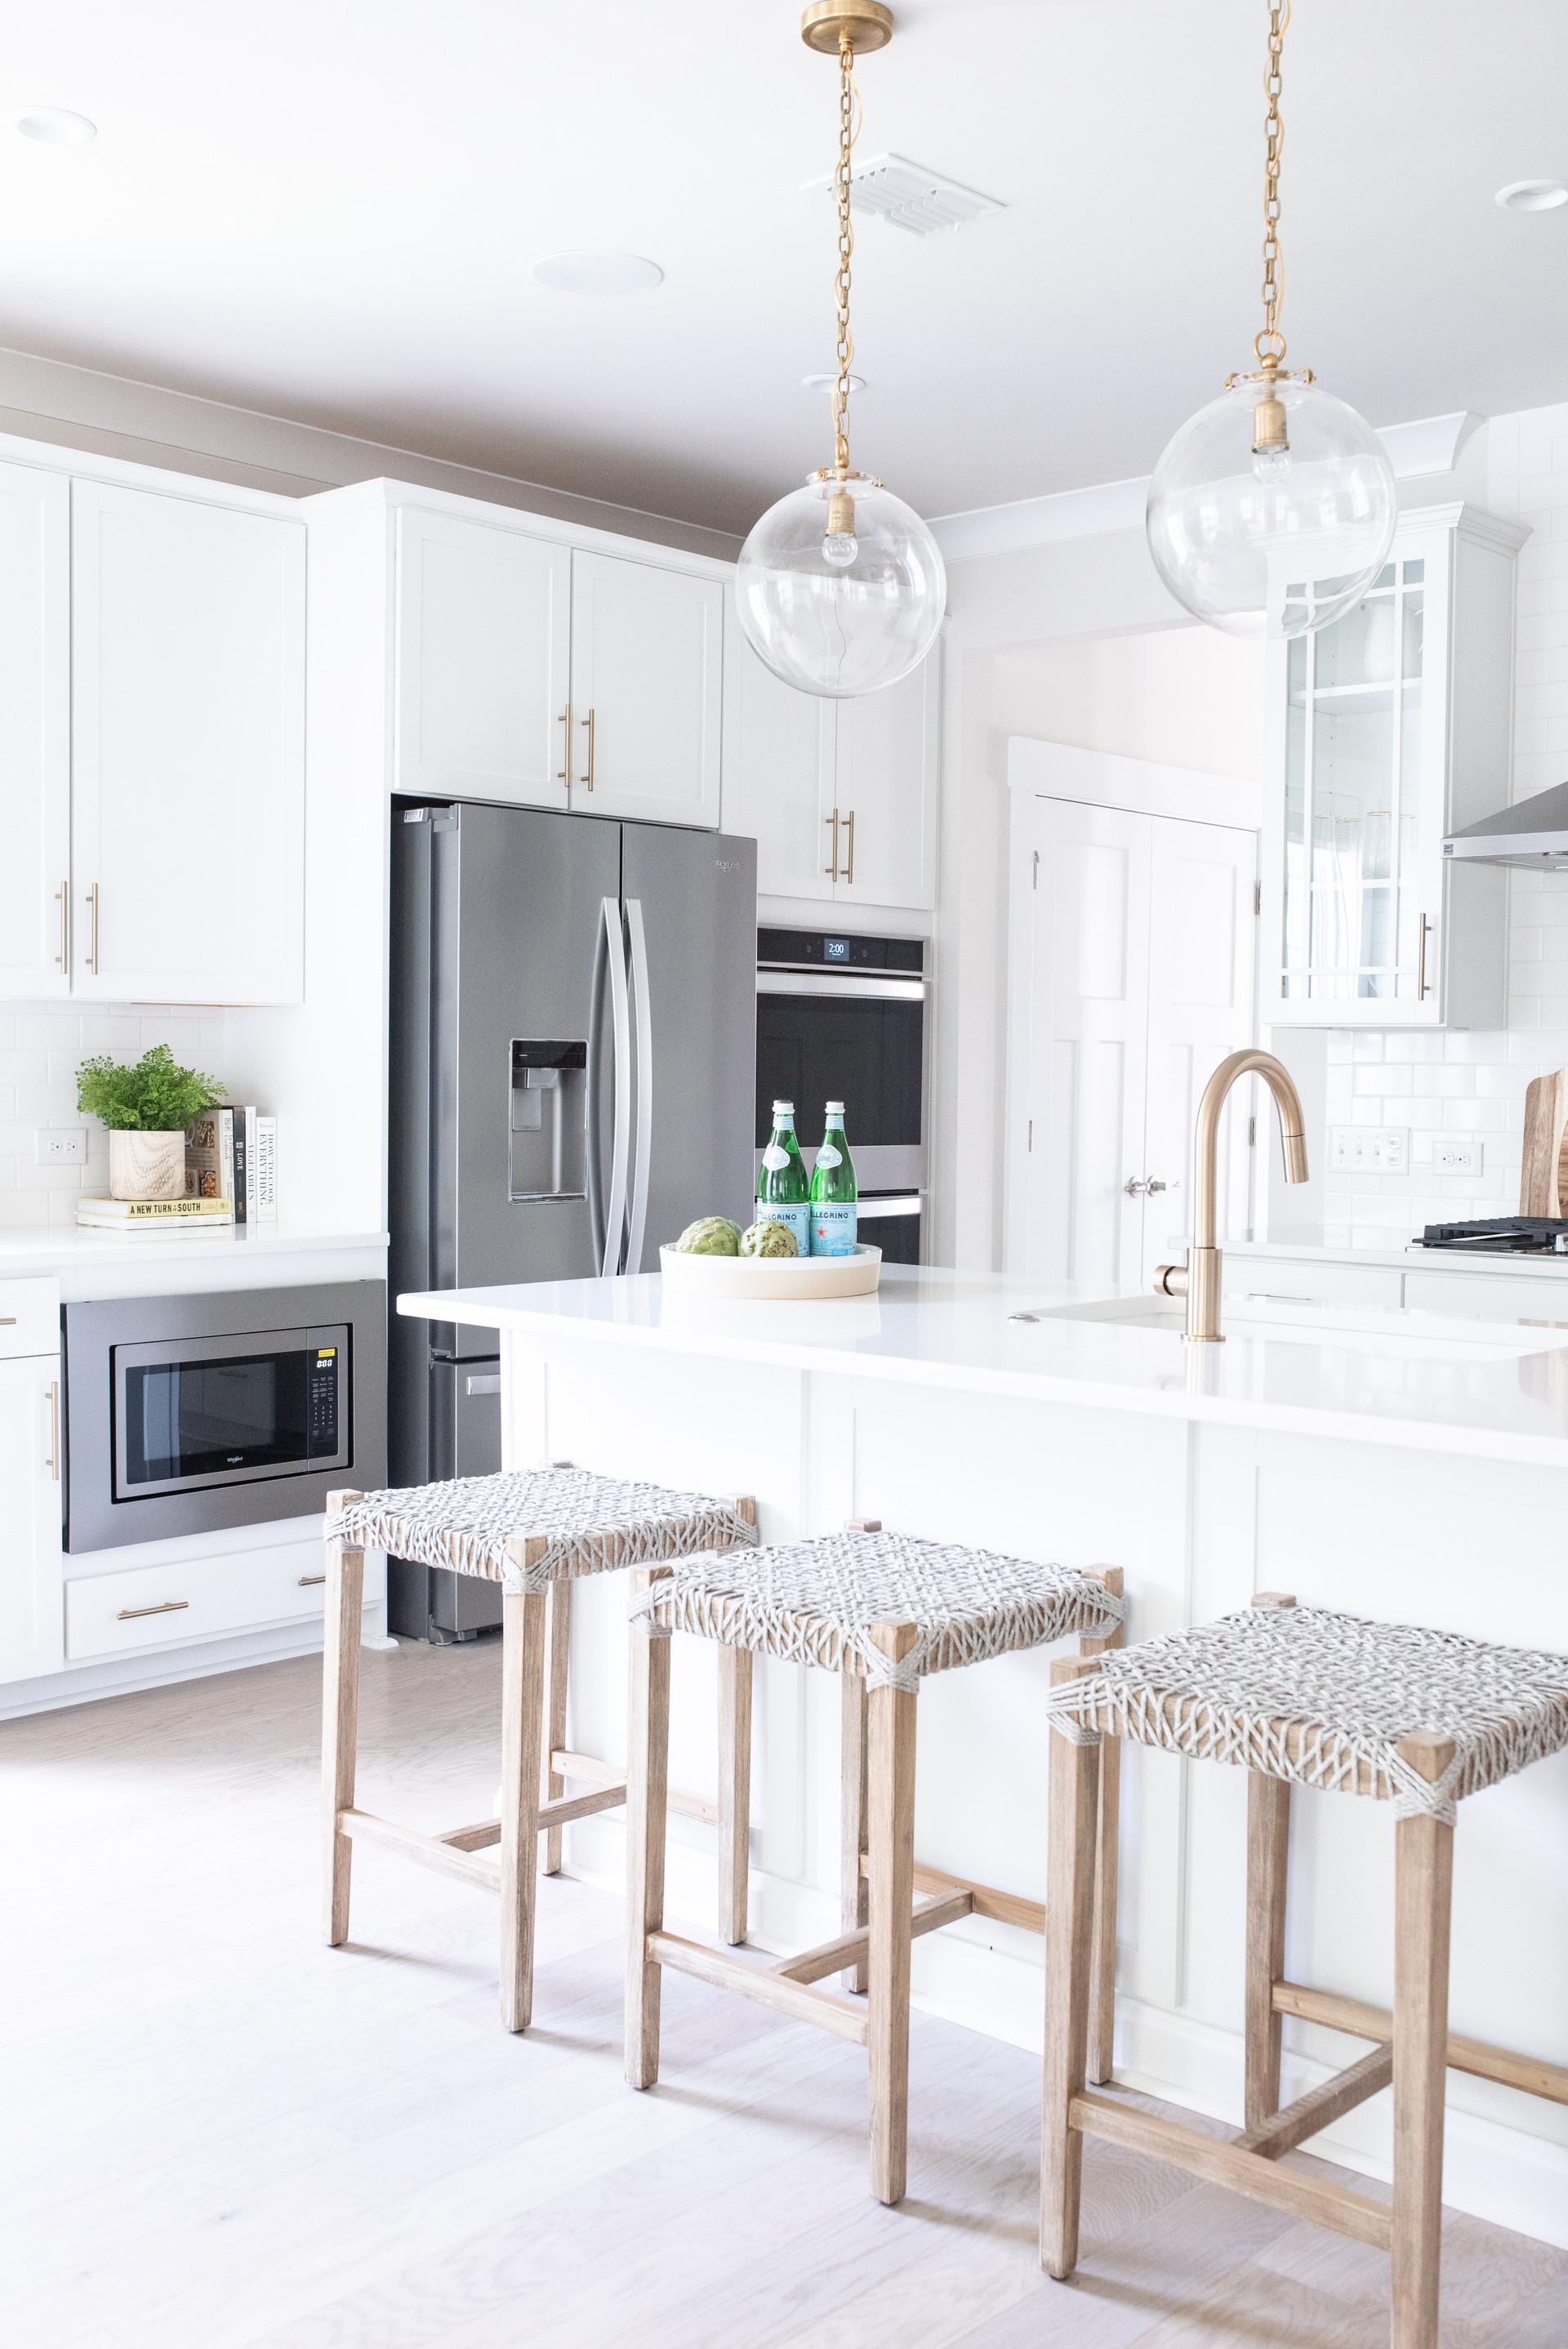 Perch-DI-Home-Kitchen-33.jpg